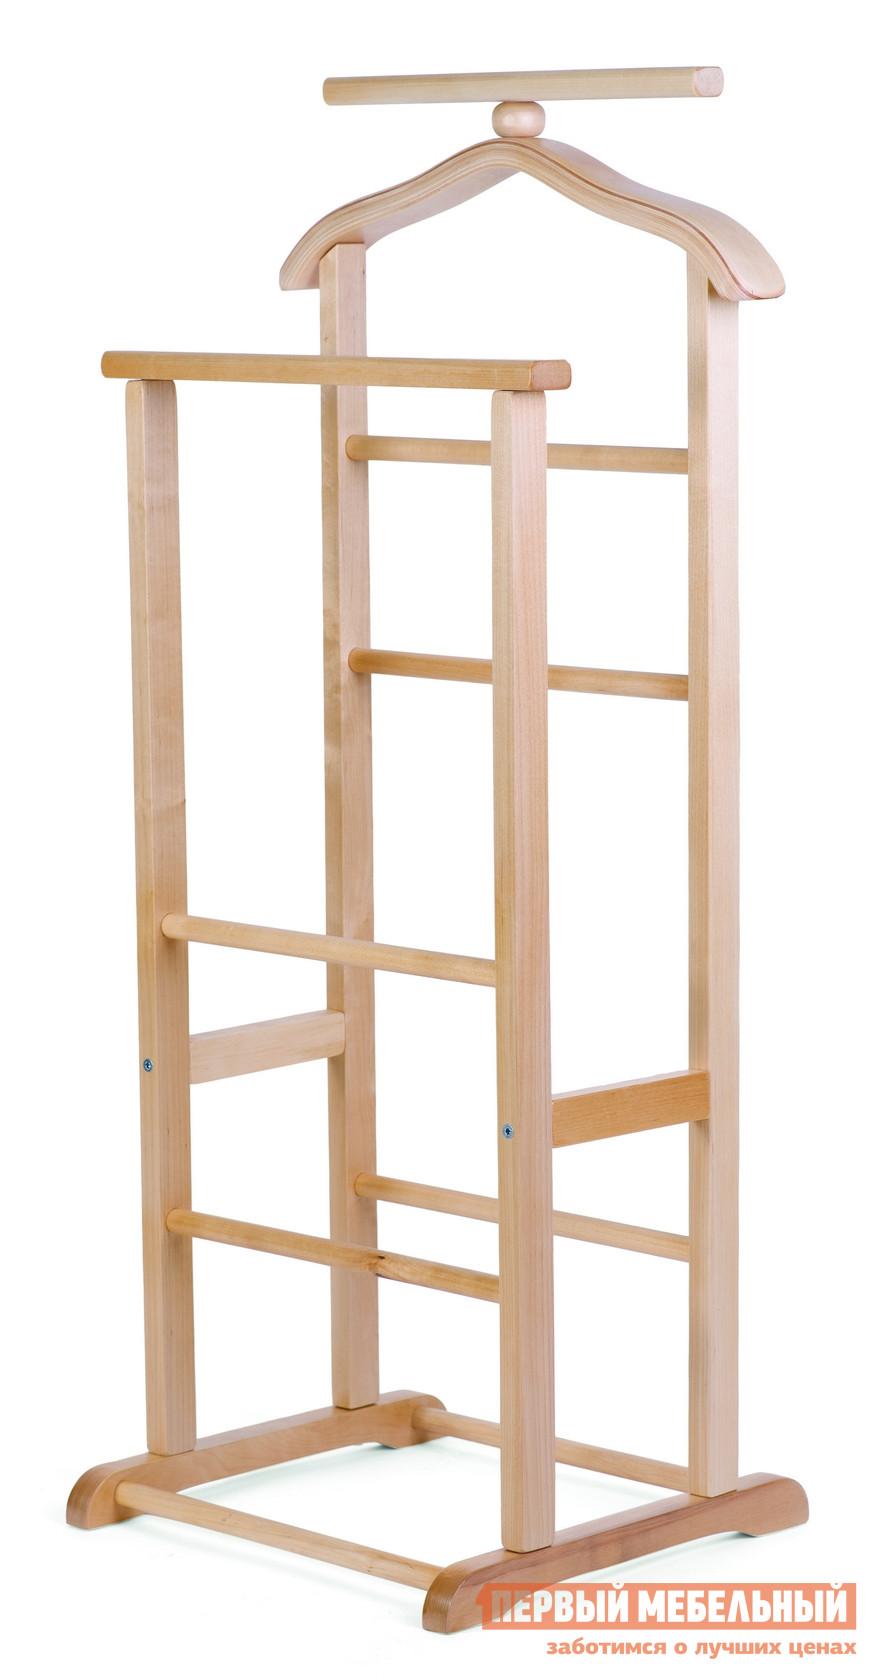 Костюмная вешалка Мебелик В-9Н (костюмная) Светло-коричневый от Купистол